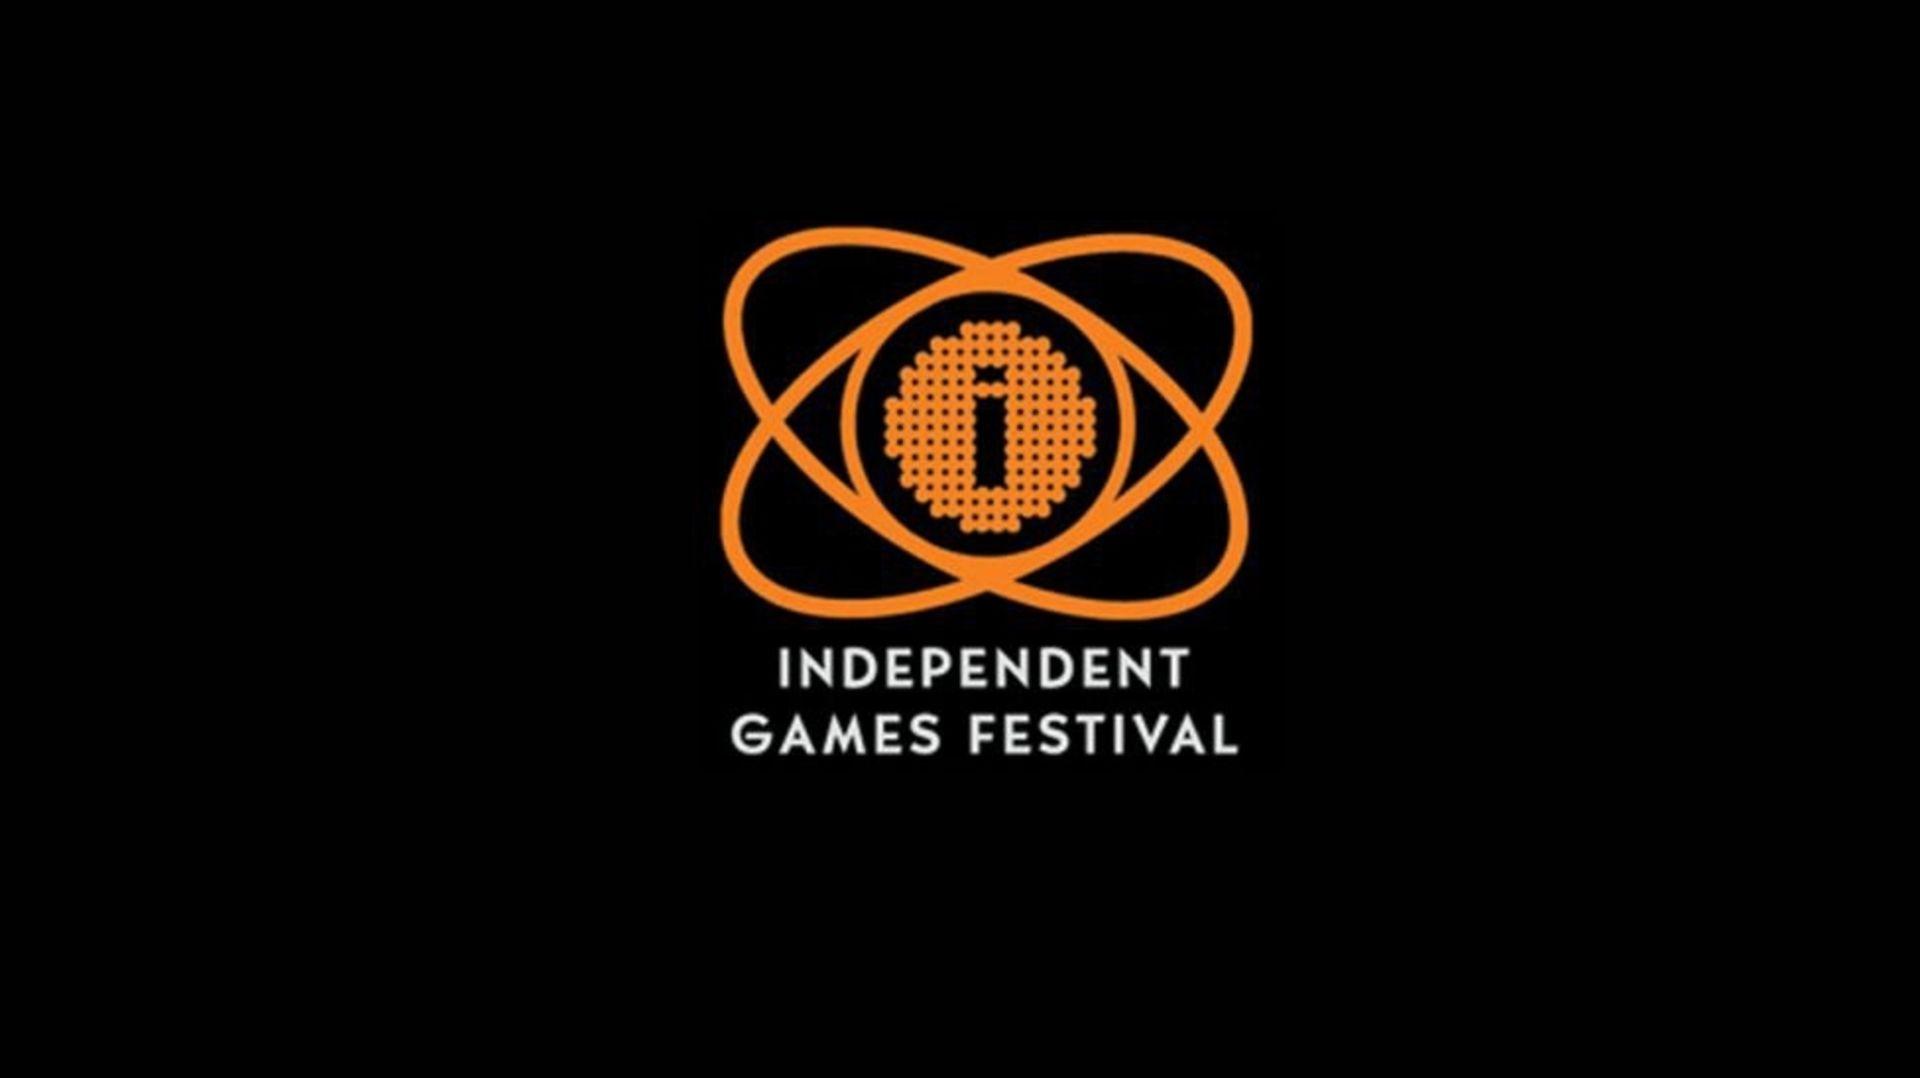 Independent Games Festival nominados 2021 IGF